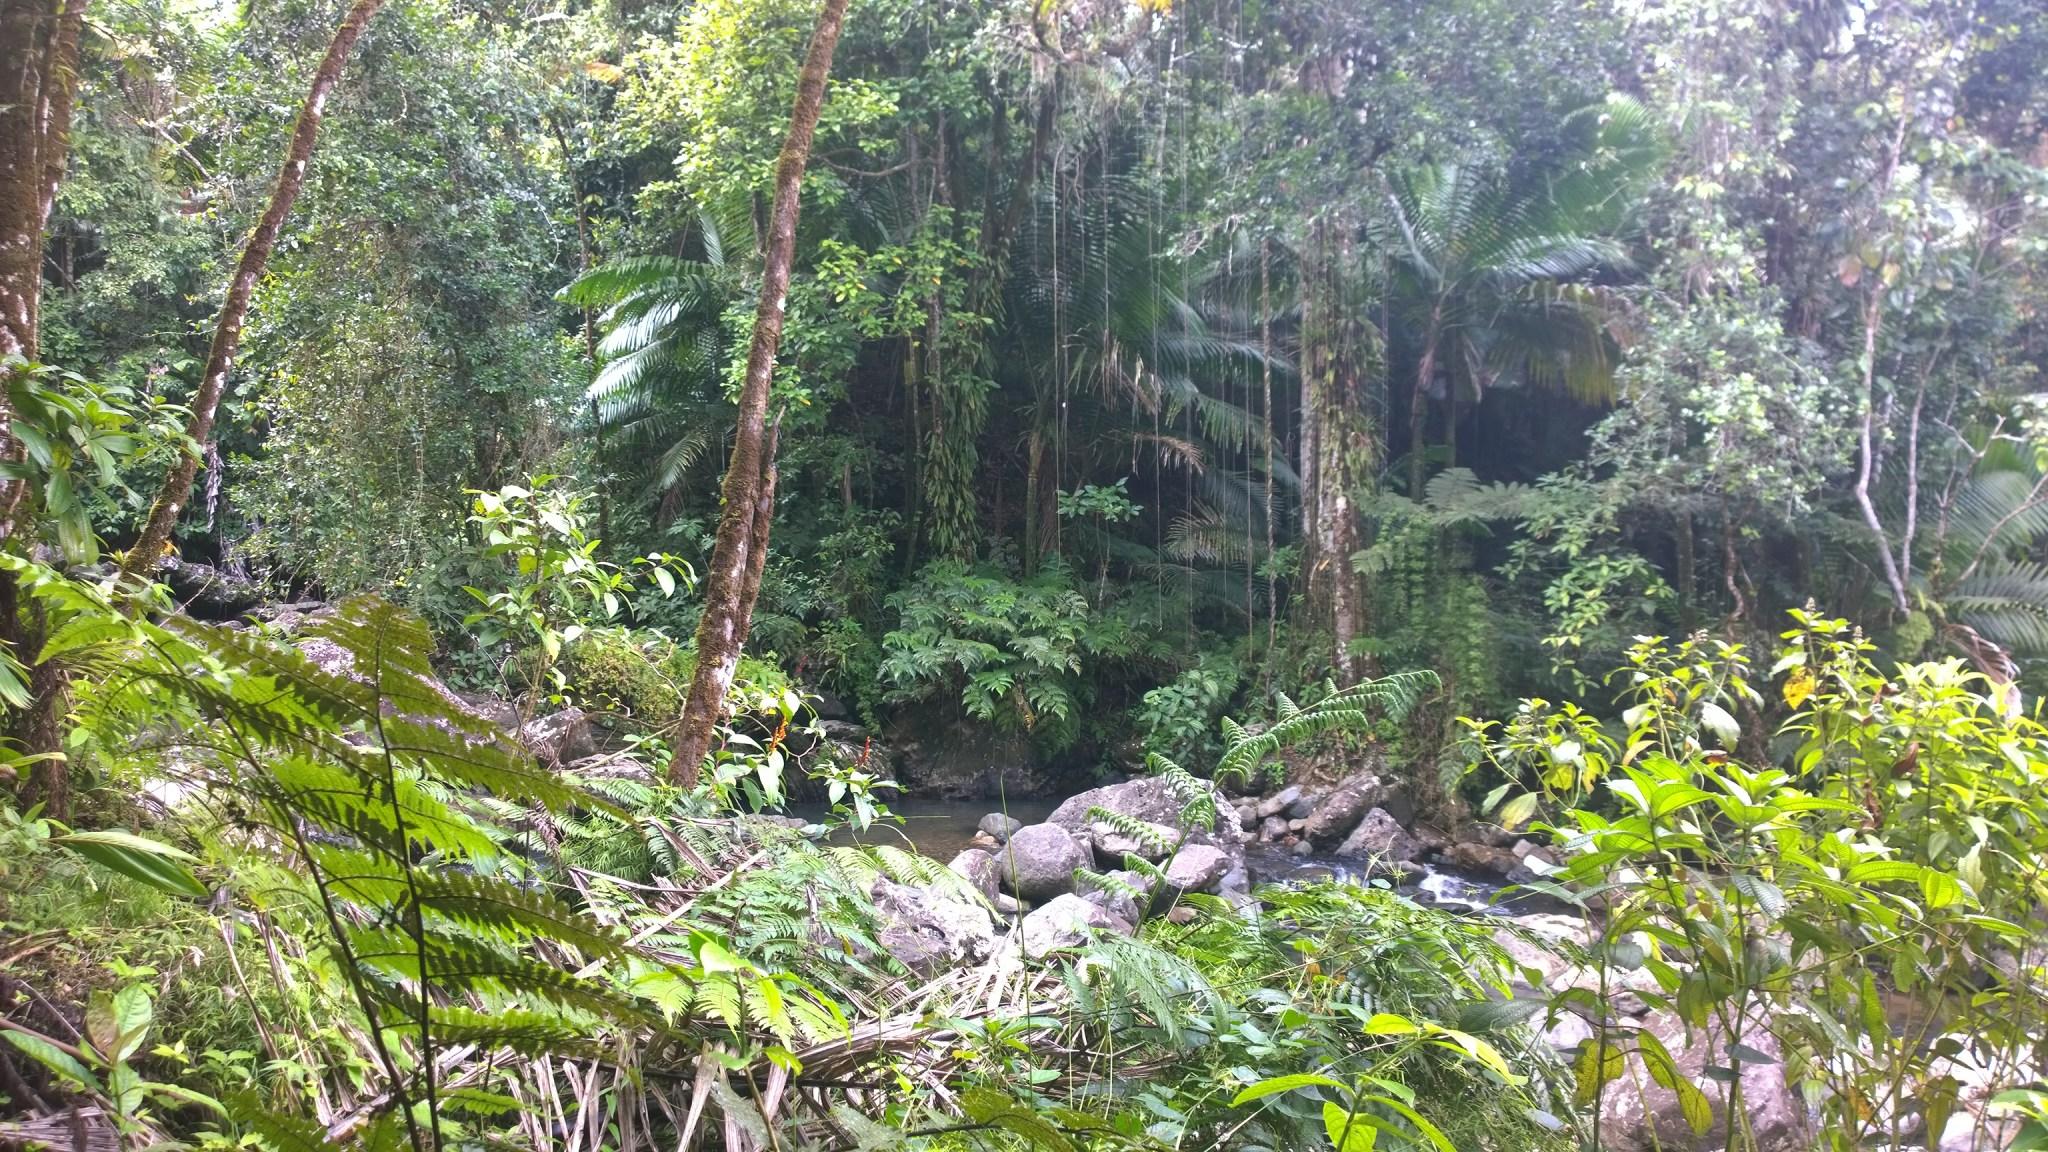 Kasvillisuus oli uskomattoman runsasta! Outoa sen sijaan oli se, että metsässä oli lähes täysin hiljaista. Ei lintujen laulua, öttiäisten siritystä tai muuta. Ei edes moskiittoja! Vain vihreyttä.